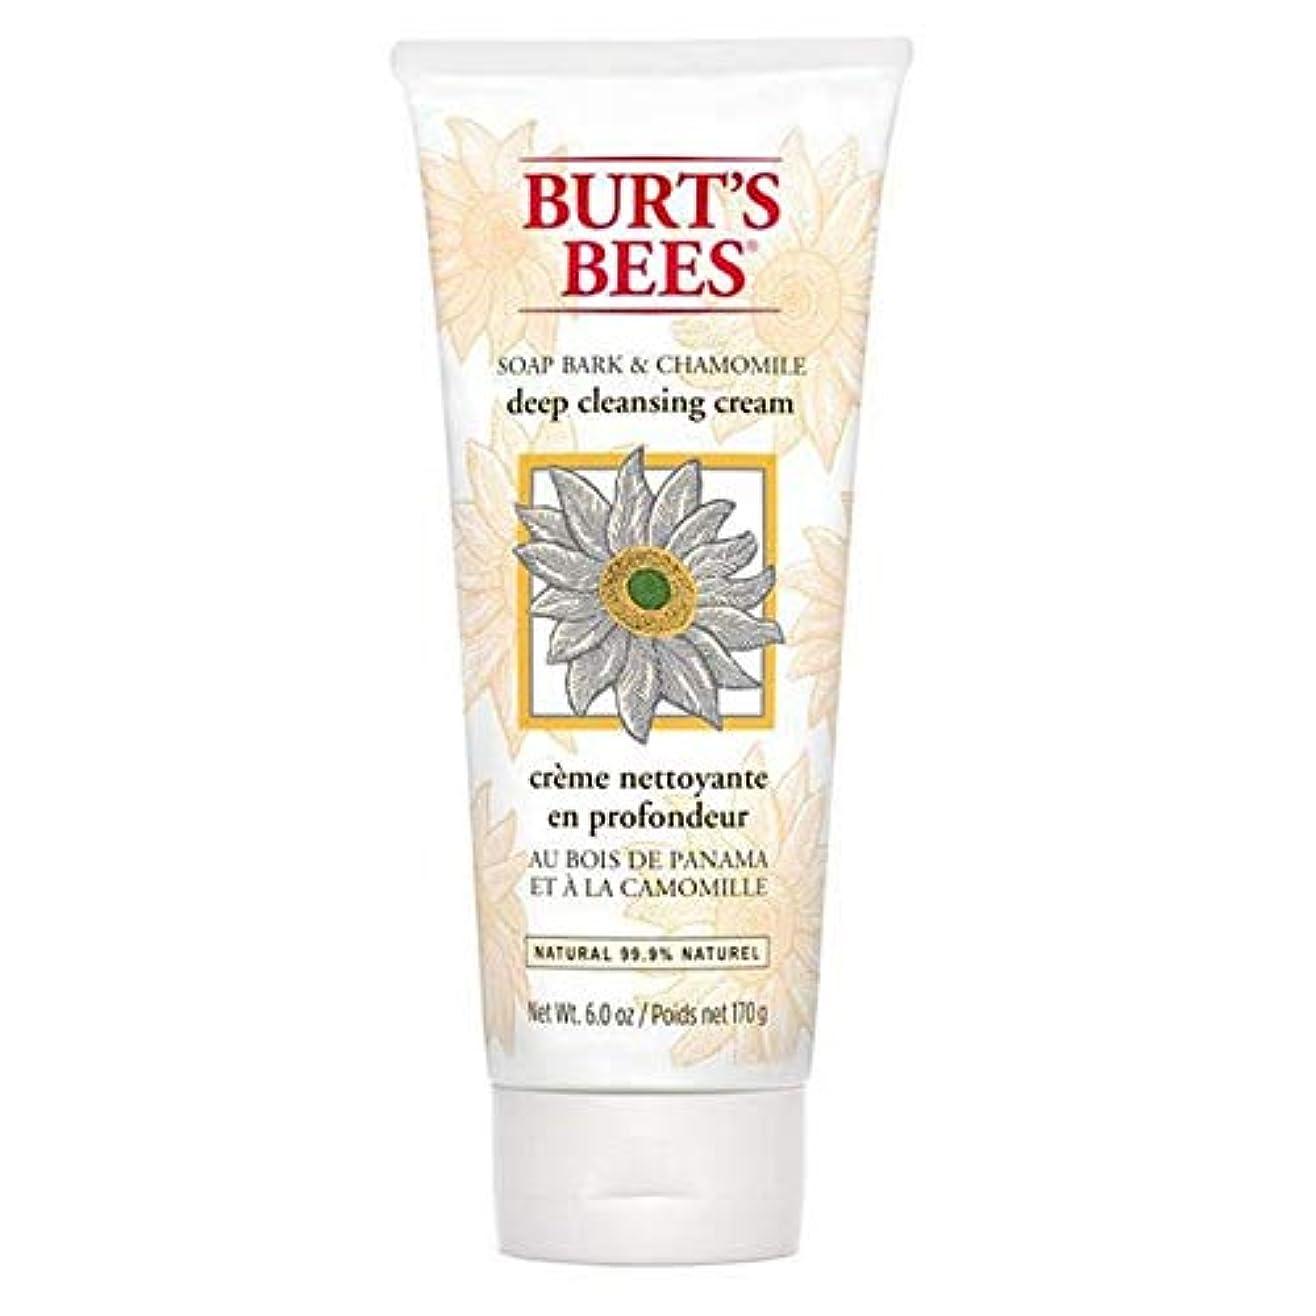 ピット競合他社選手カートリッジ[Burt's Bees ] バーツビー石鹸樹皮&カモミールディープクレンジングクリーム170グラム - Burt's Bees Soap Bark & Chamomile Deep Cleansing Cream 170g [並行輸入品]